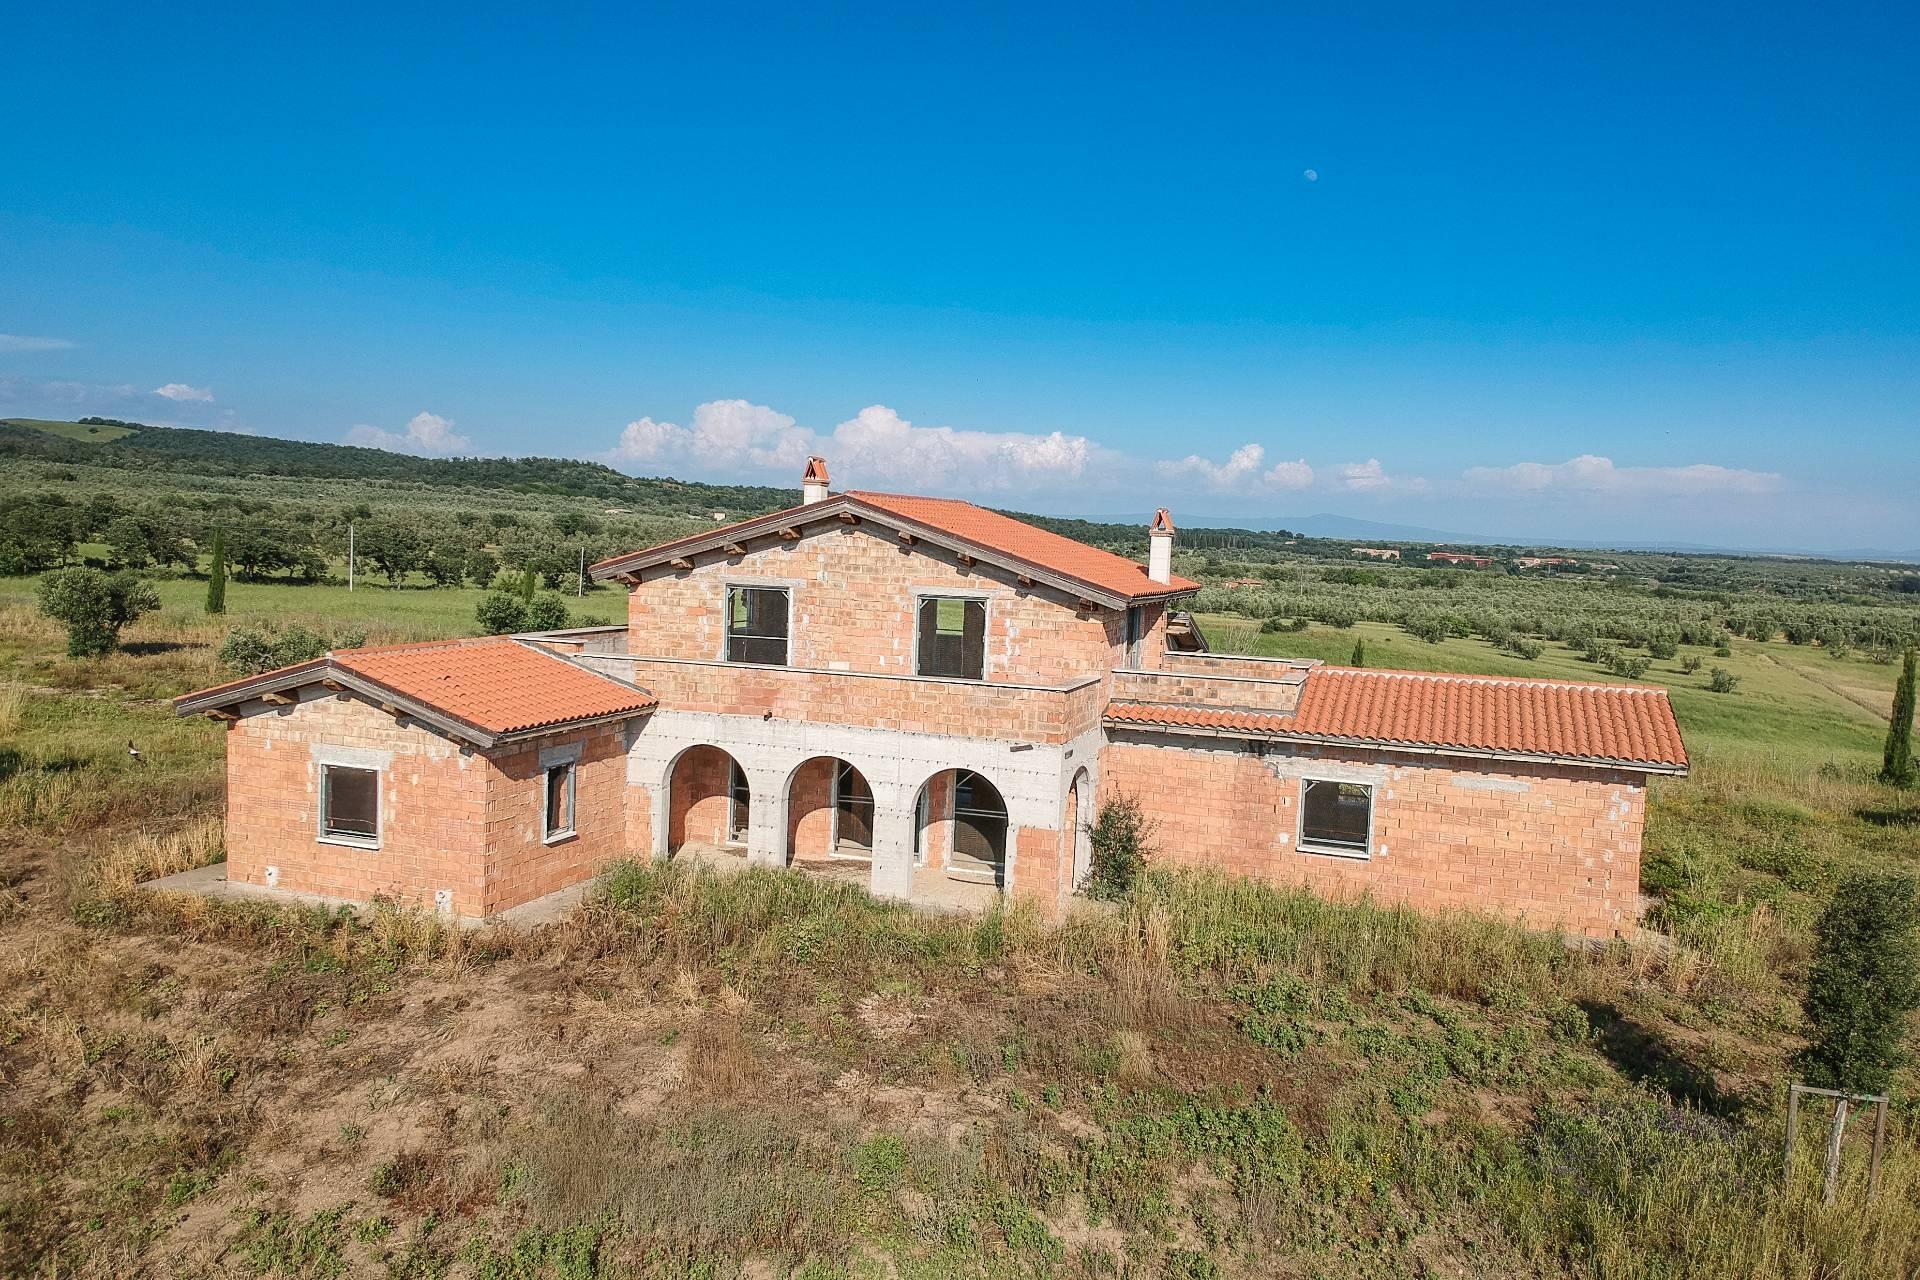 Rustico / Casale in vendita a Canino, 10 locali, zona Località: Riminino, prezzo € 295.000 | CambioCasa.it